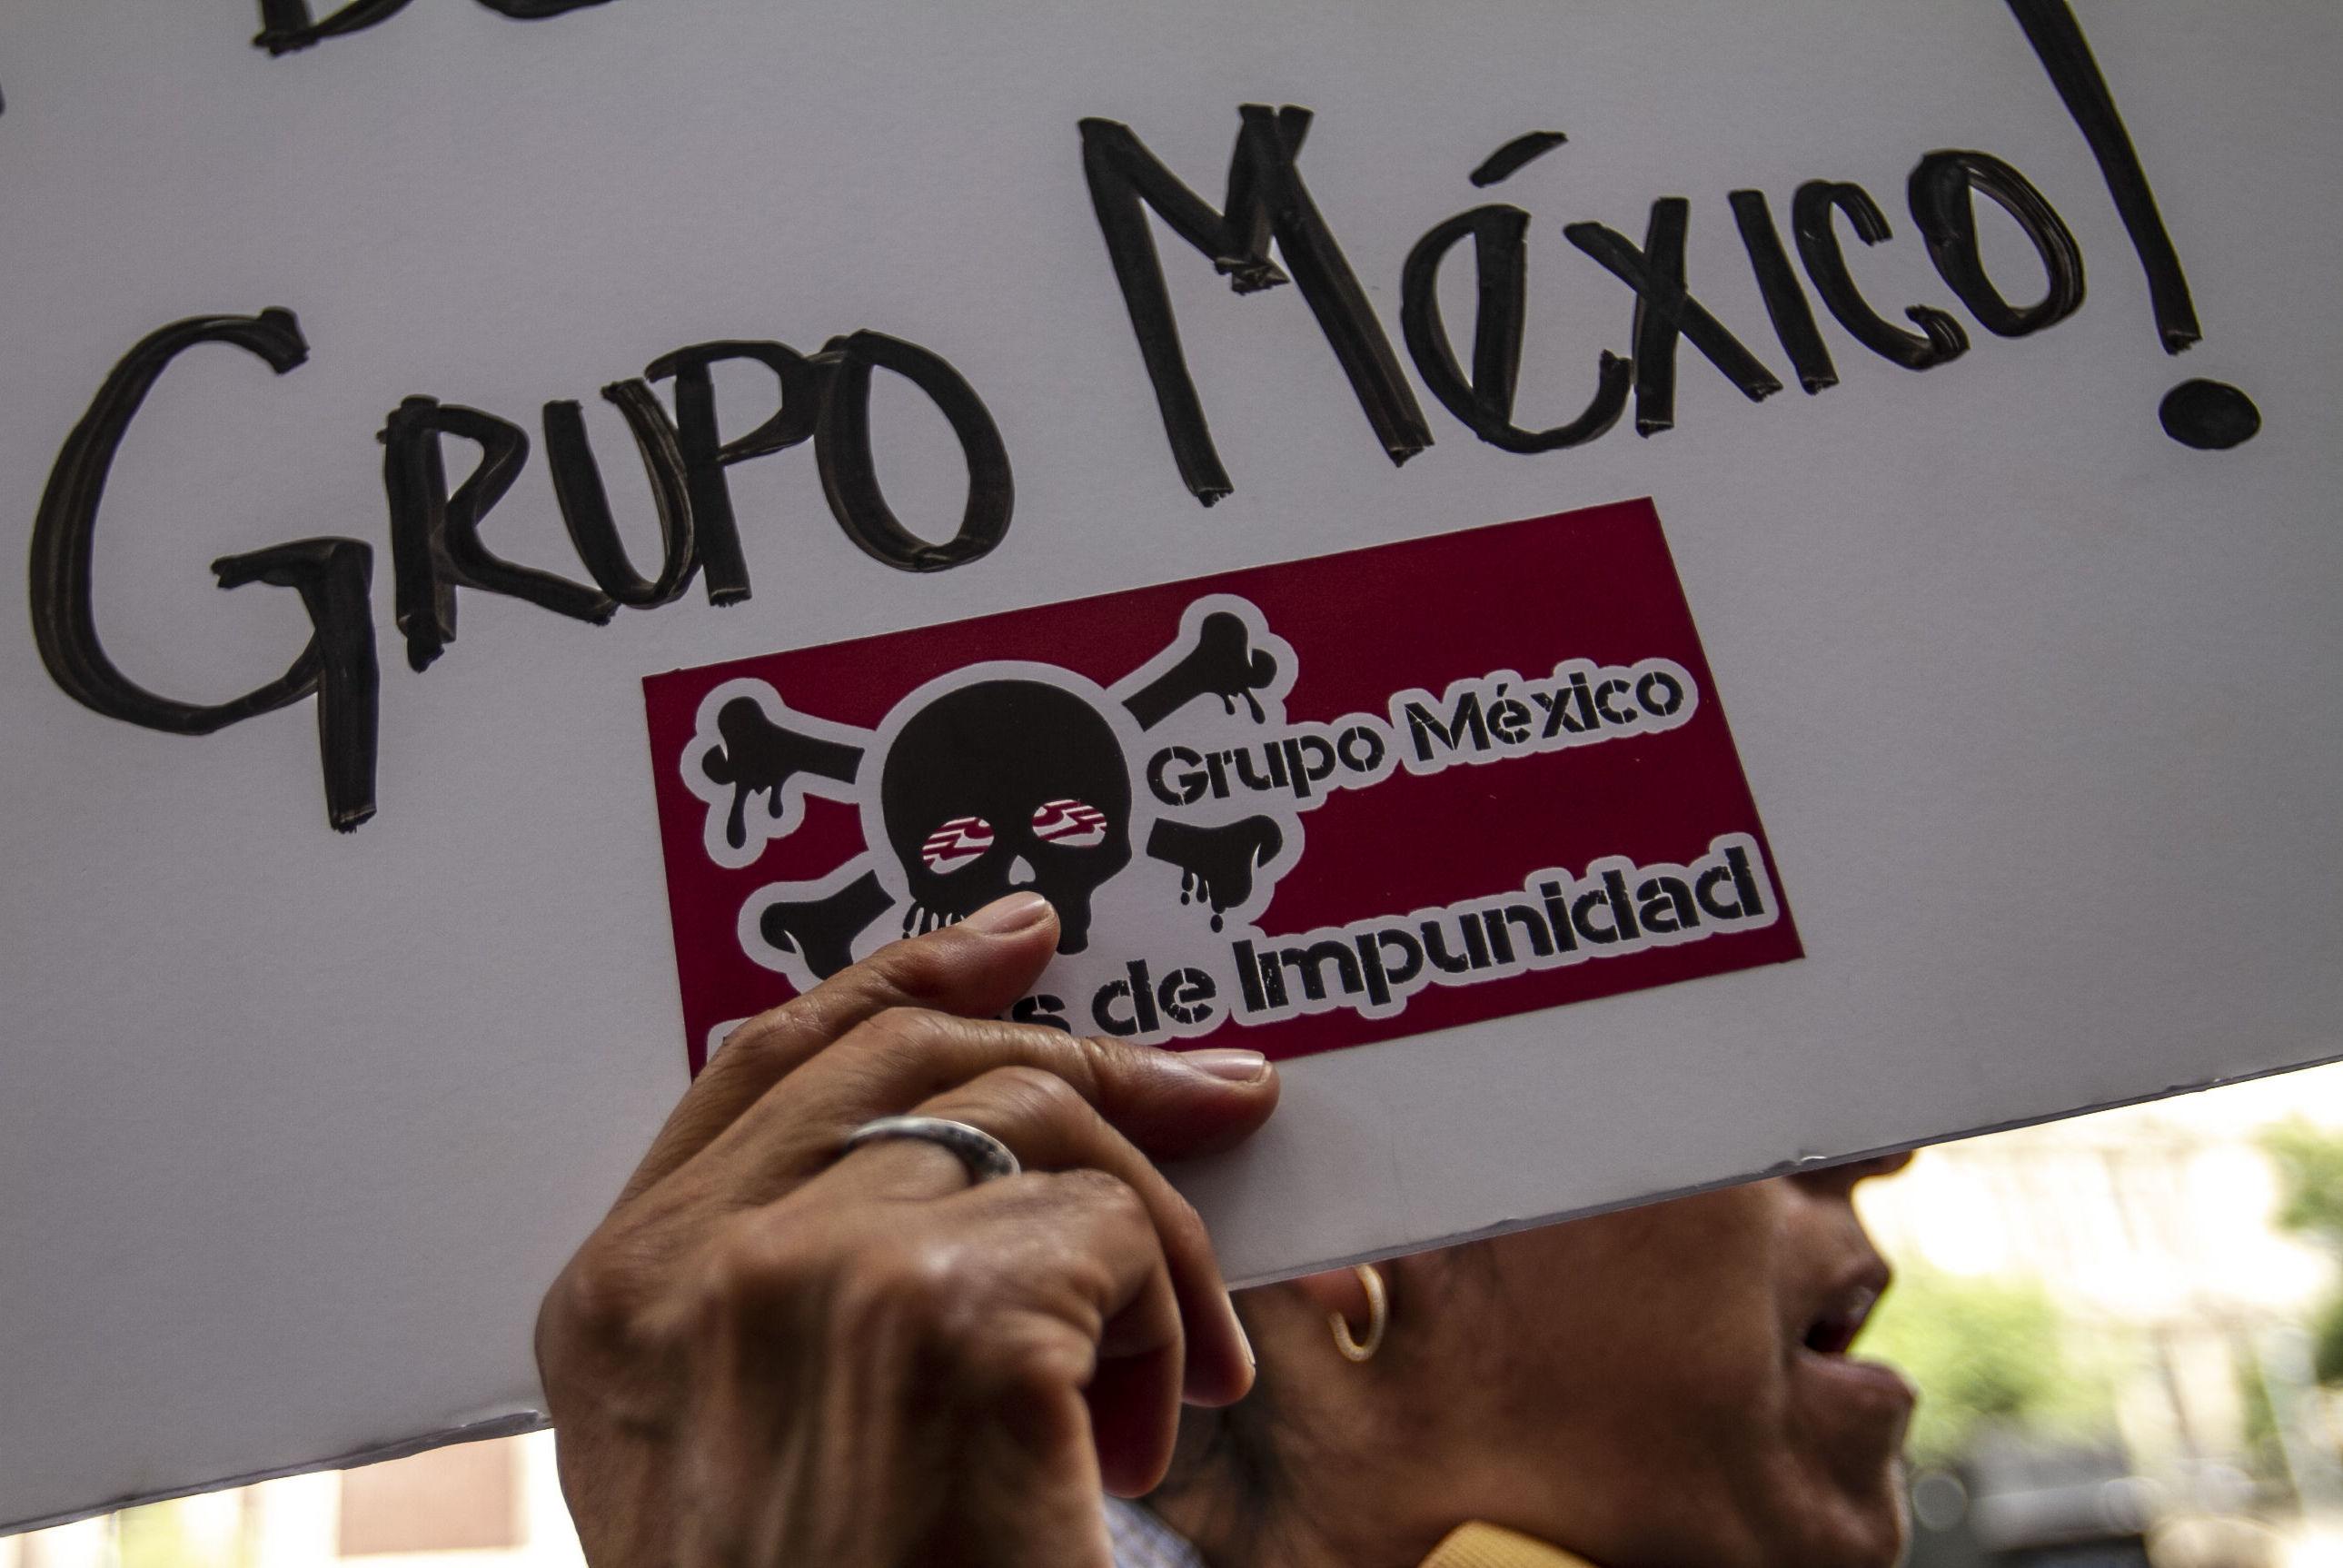 Manifestantes en el mitin frente a la Suprema Corte de la Nación de comunidades afectadas en los ríos Sonora y Bacanuchi por lixiviados de la mina Buenavista del Cobre del Grupo México, el 6 de agosto del 2014